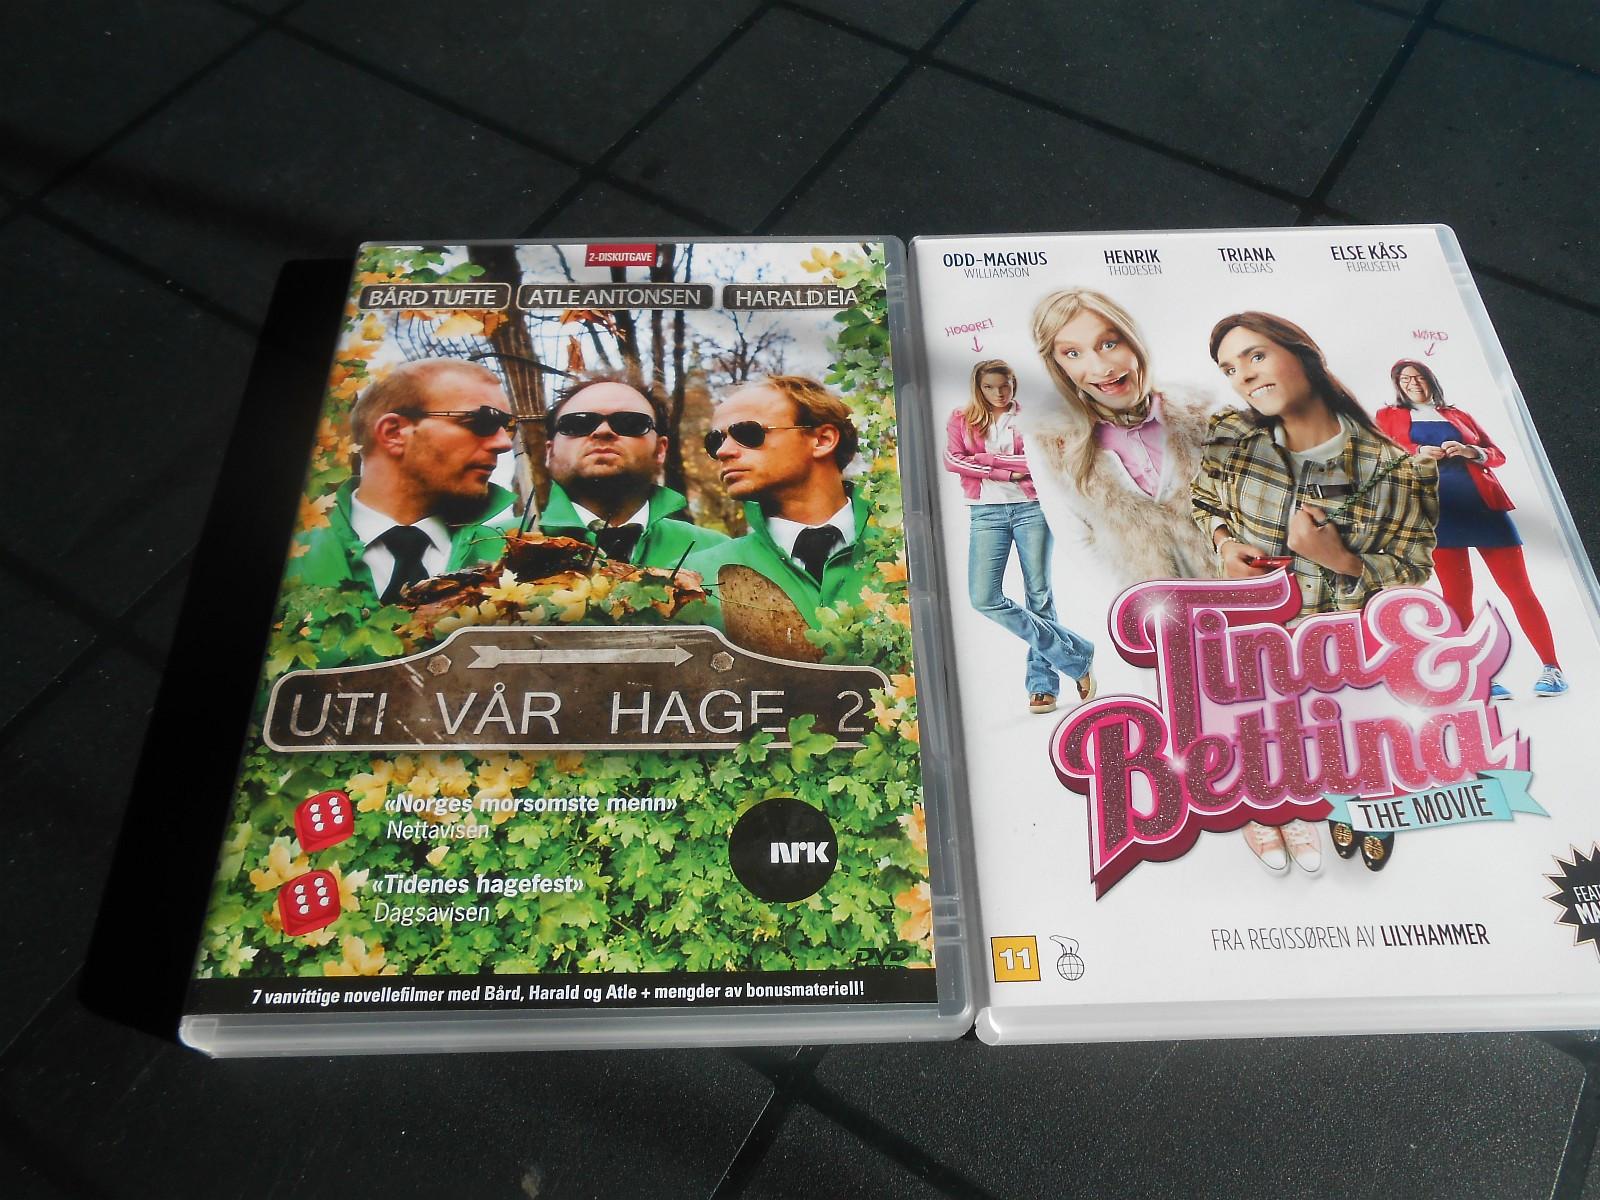 Ut i vår hage 2 , 2 dvd,   og Tina & Bettina - Skotterud  - Ut i vår hage 100 Tina & Bettina 50 - Skotterud